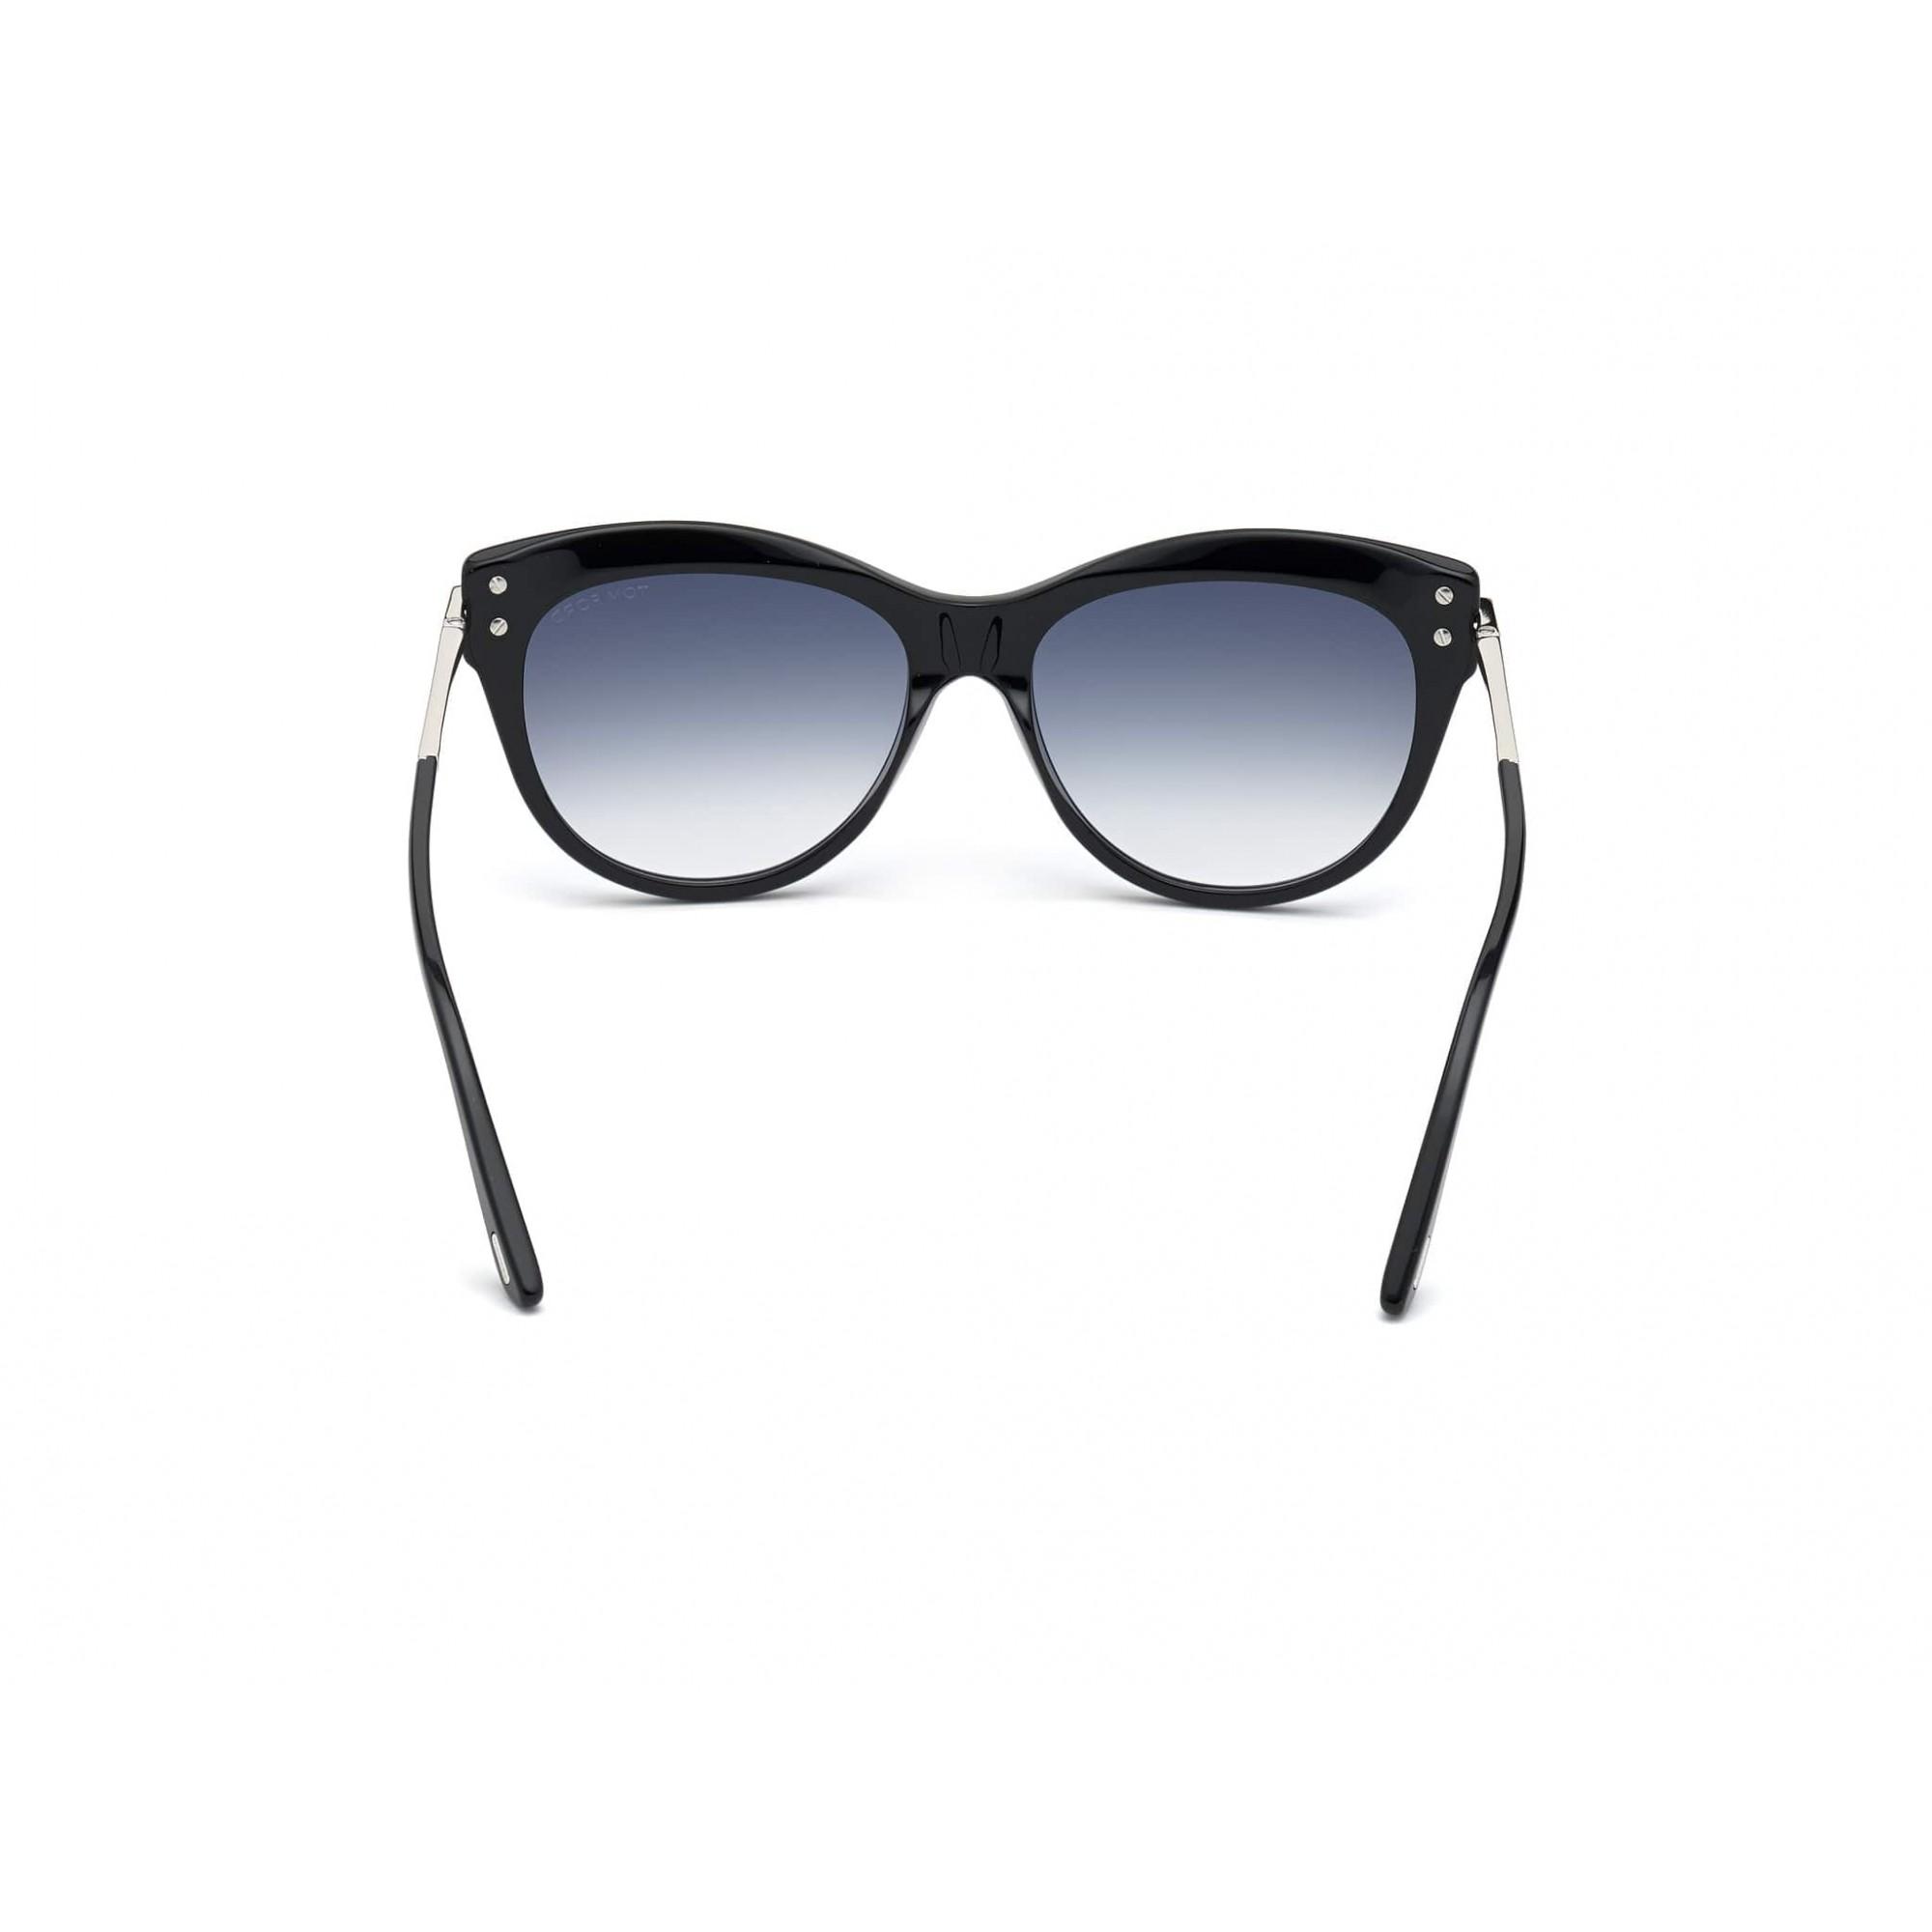 Tom Ford - FT0821 01B 56 - Óculos de Sol Feminino